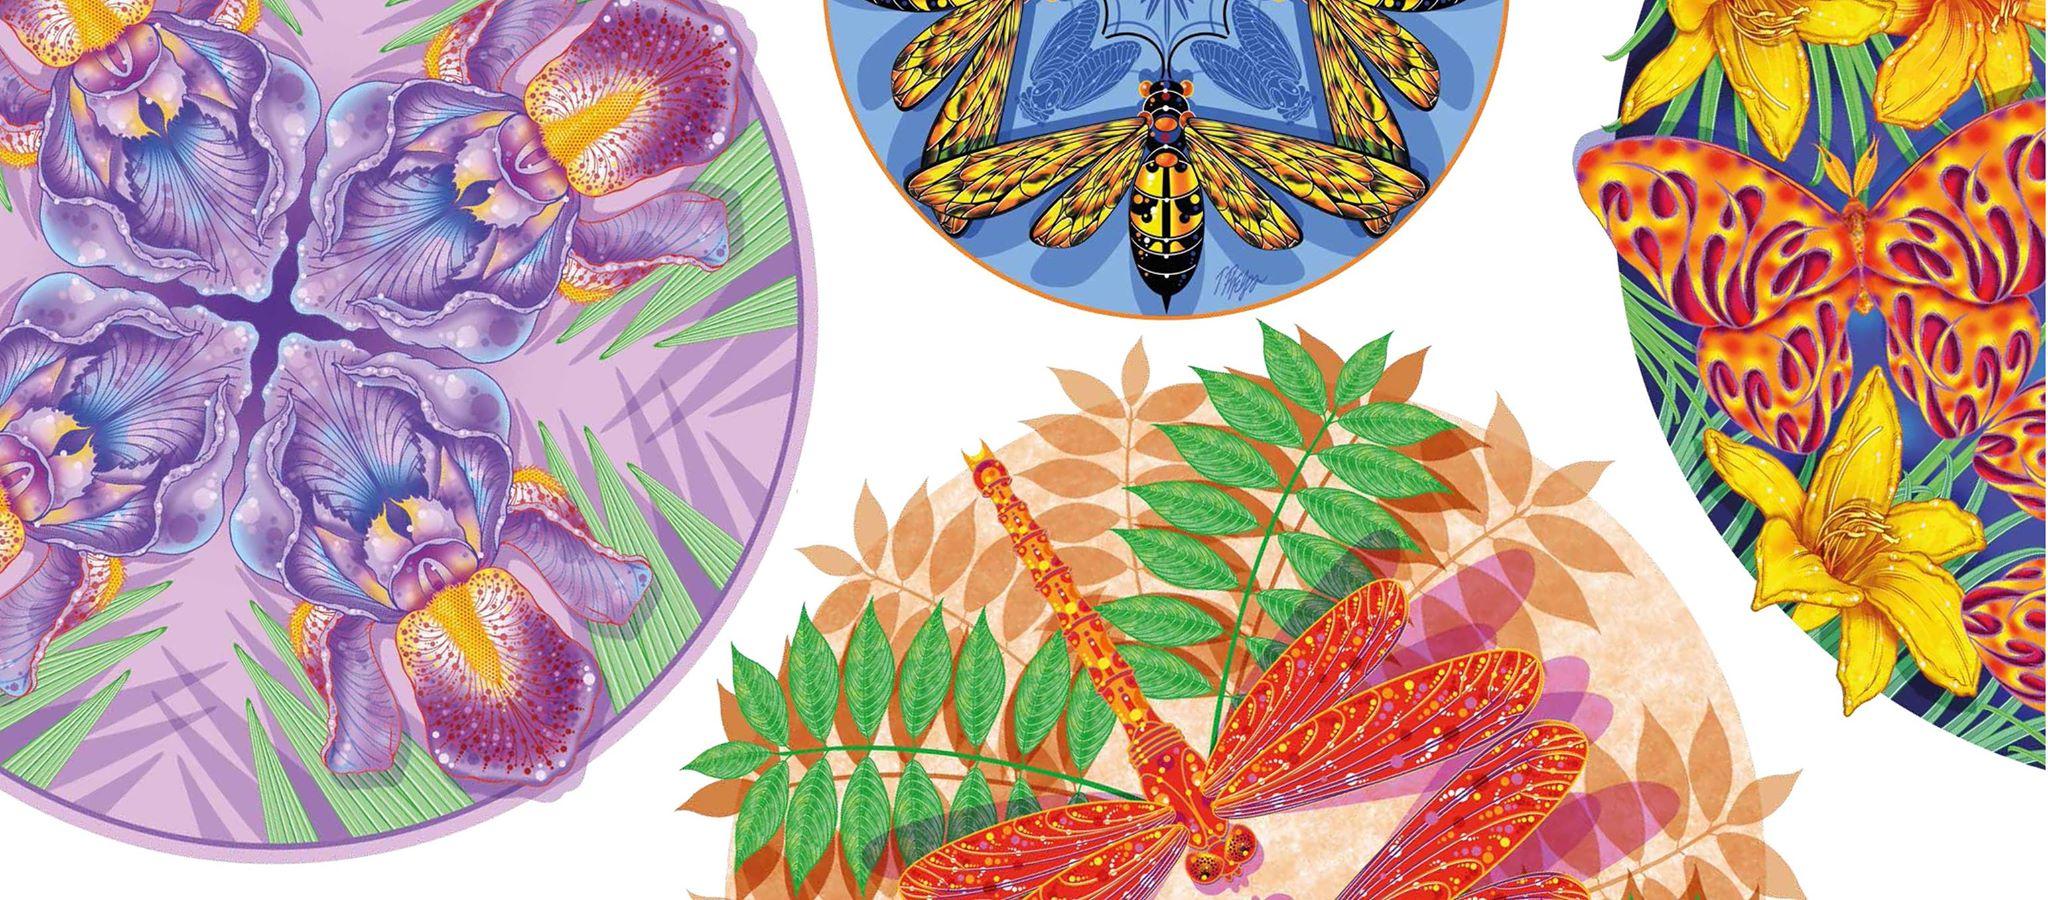 Tim Phelps - Nature mandala artwork